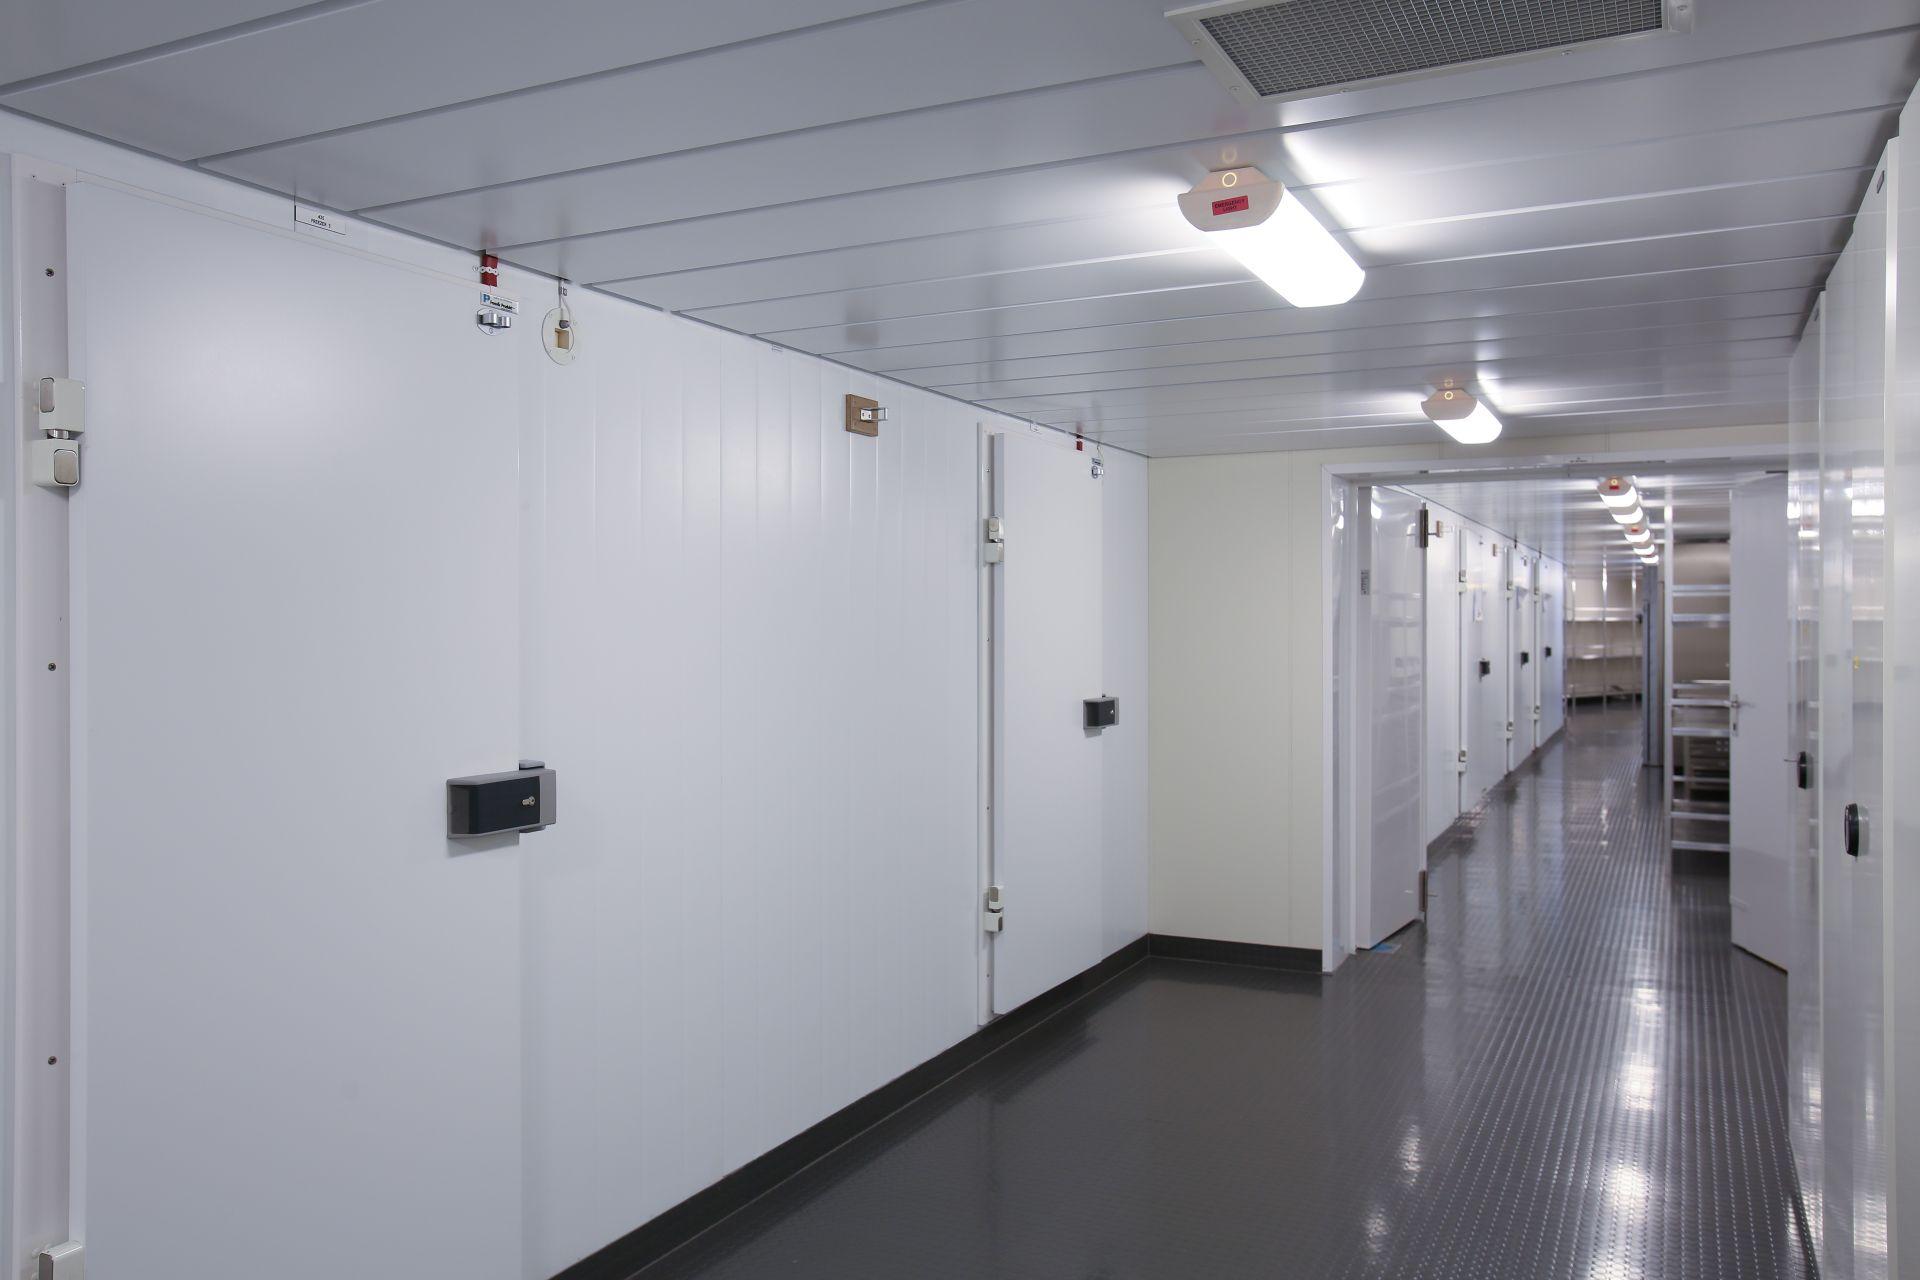 Isolasjonspanel kjøle- og fryserom   Vi kan levere alt frå små kjøle- og fryserom til store totalentrepriser i samarbeid med arkitekt eller byggherre.    Les meir